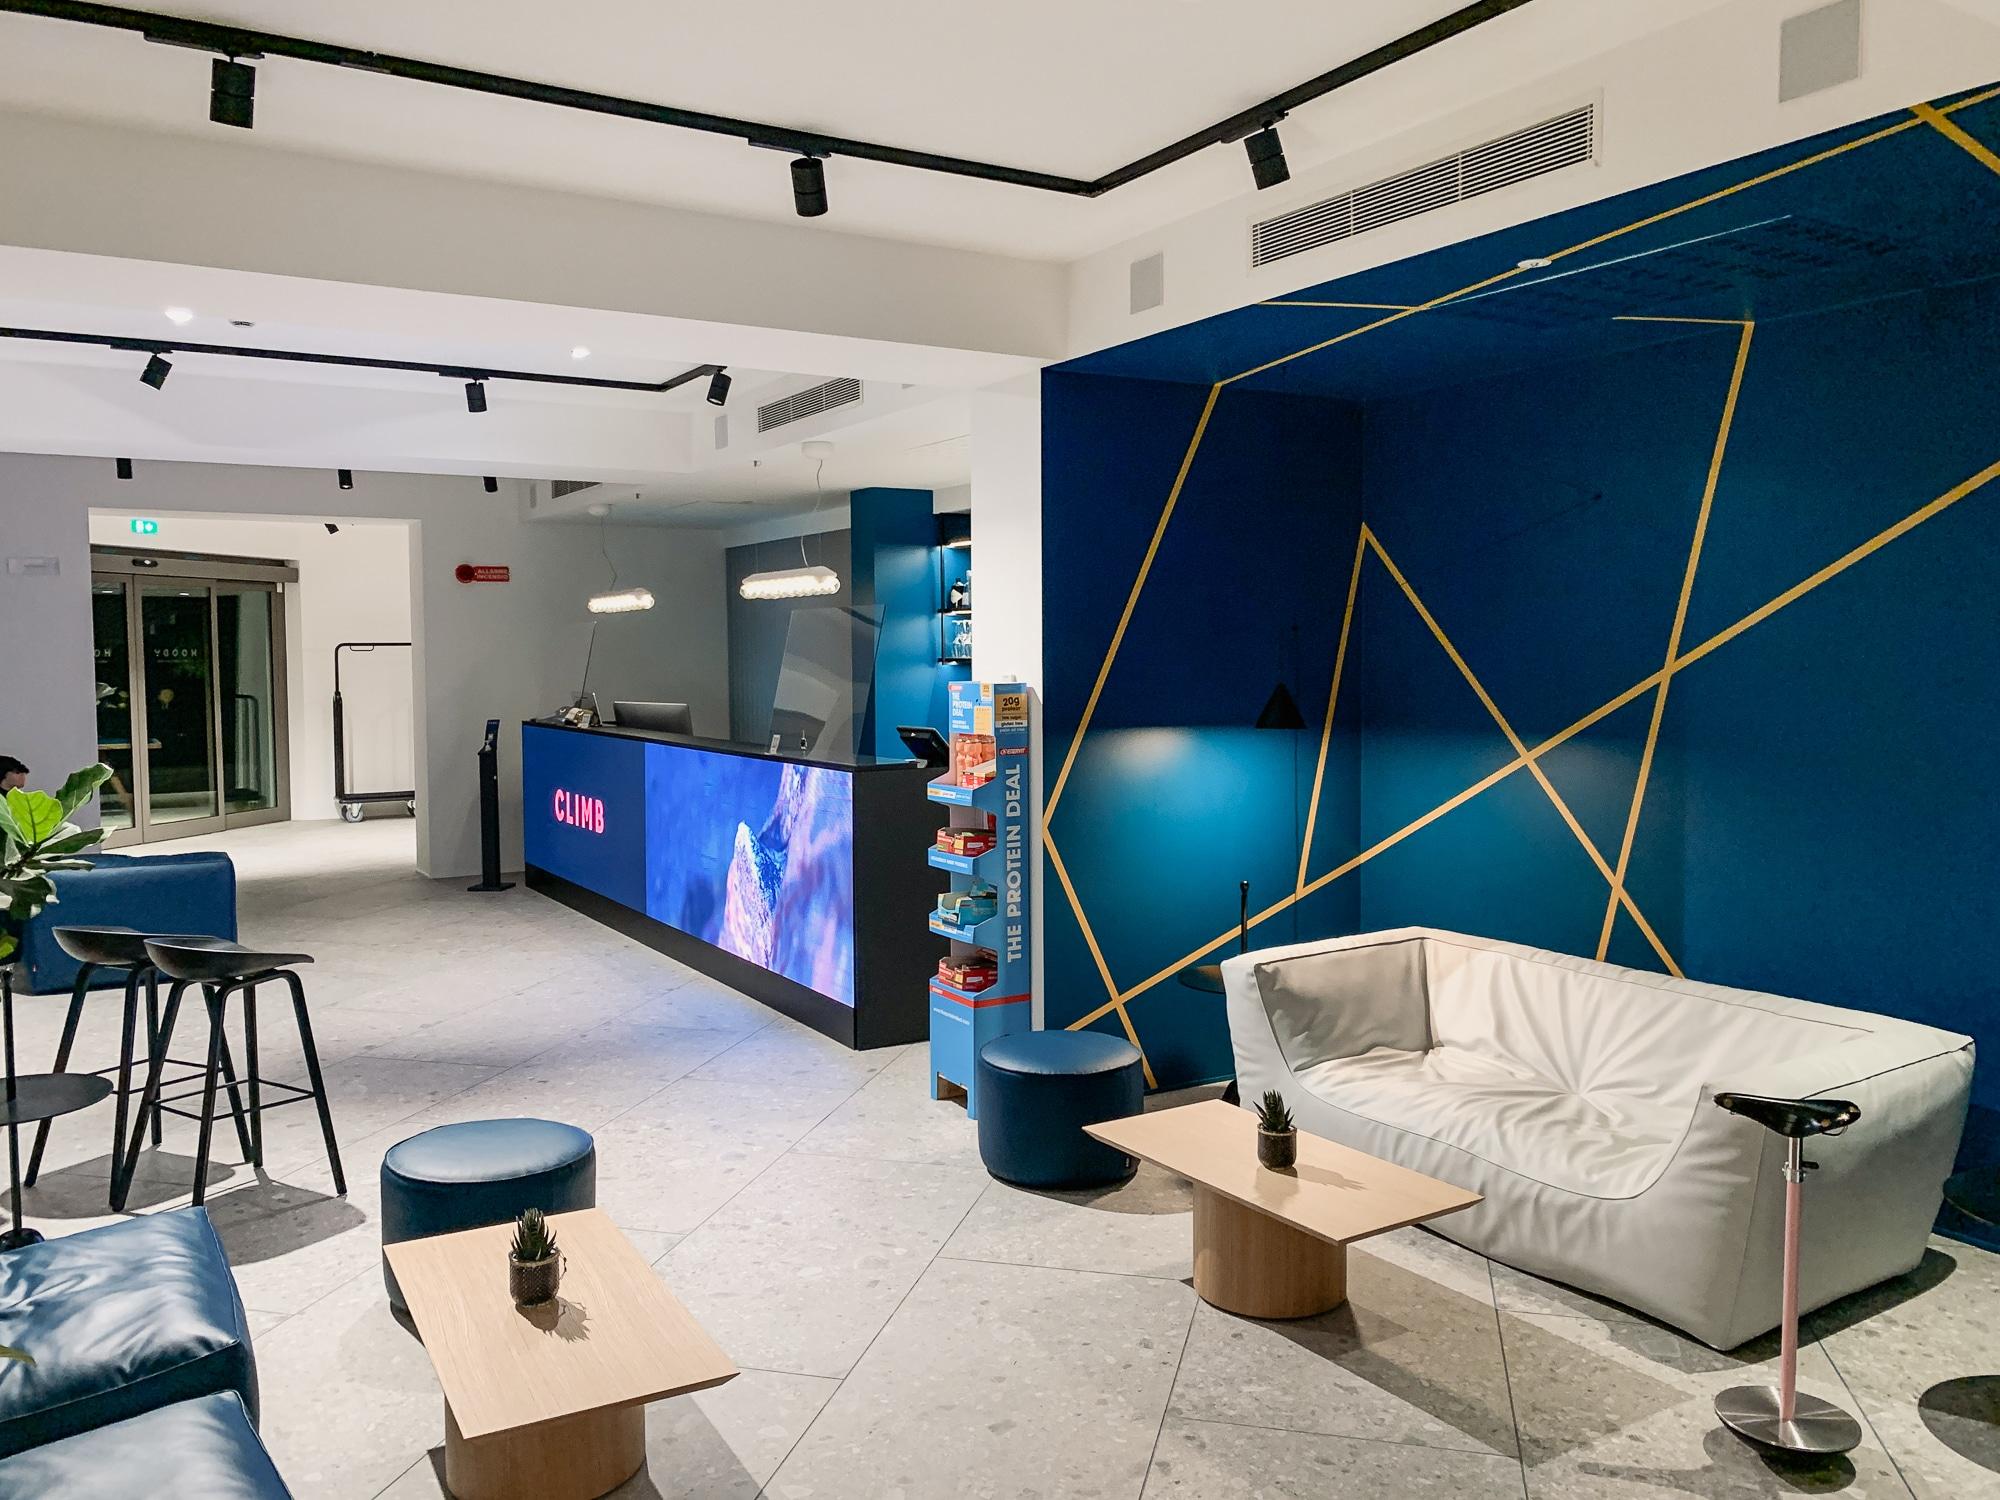 Hoody Hotel: Meine Erfahrungen im Gardasee Active & Happiness Hotel - Lobby